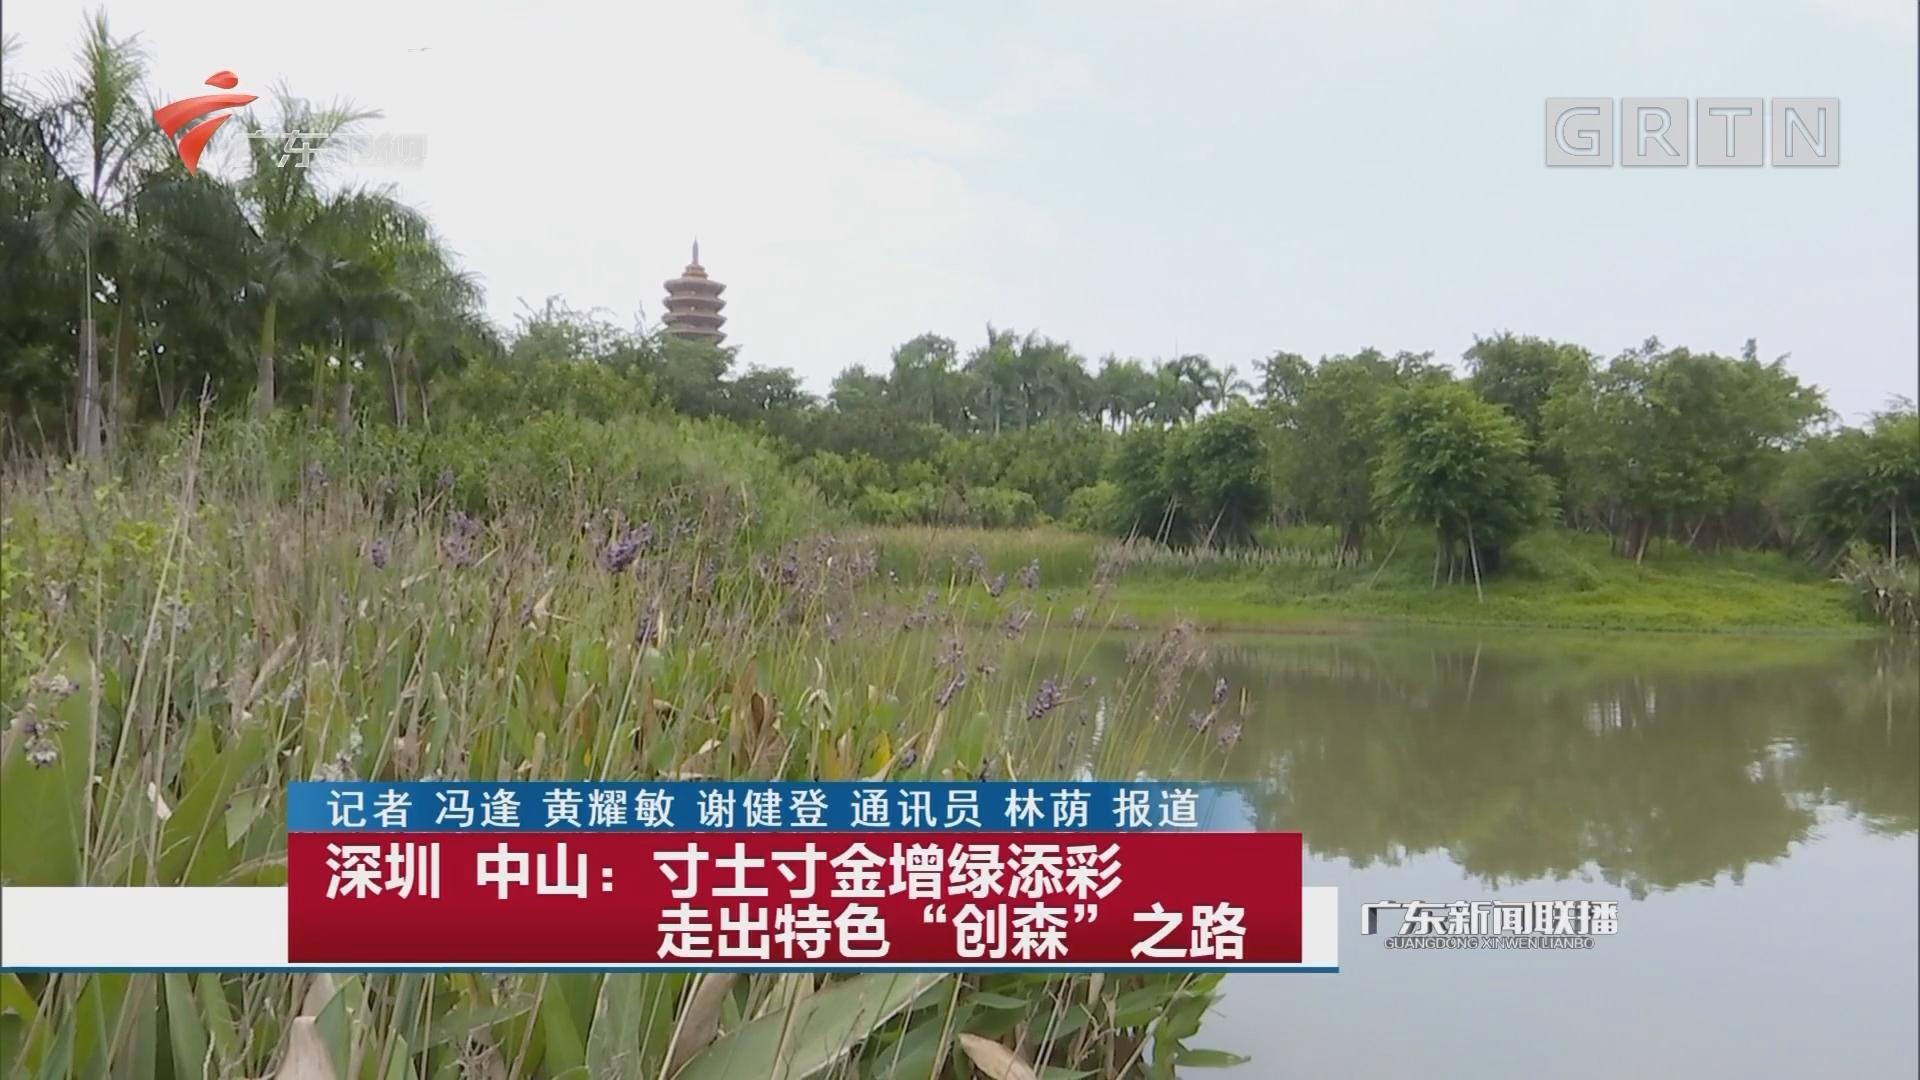 """深圳 中山:寸土寸金增绿添彩 走出特色""""创森""""之路"""